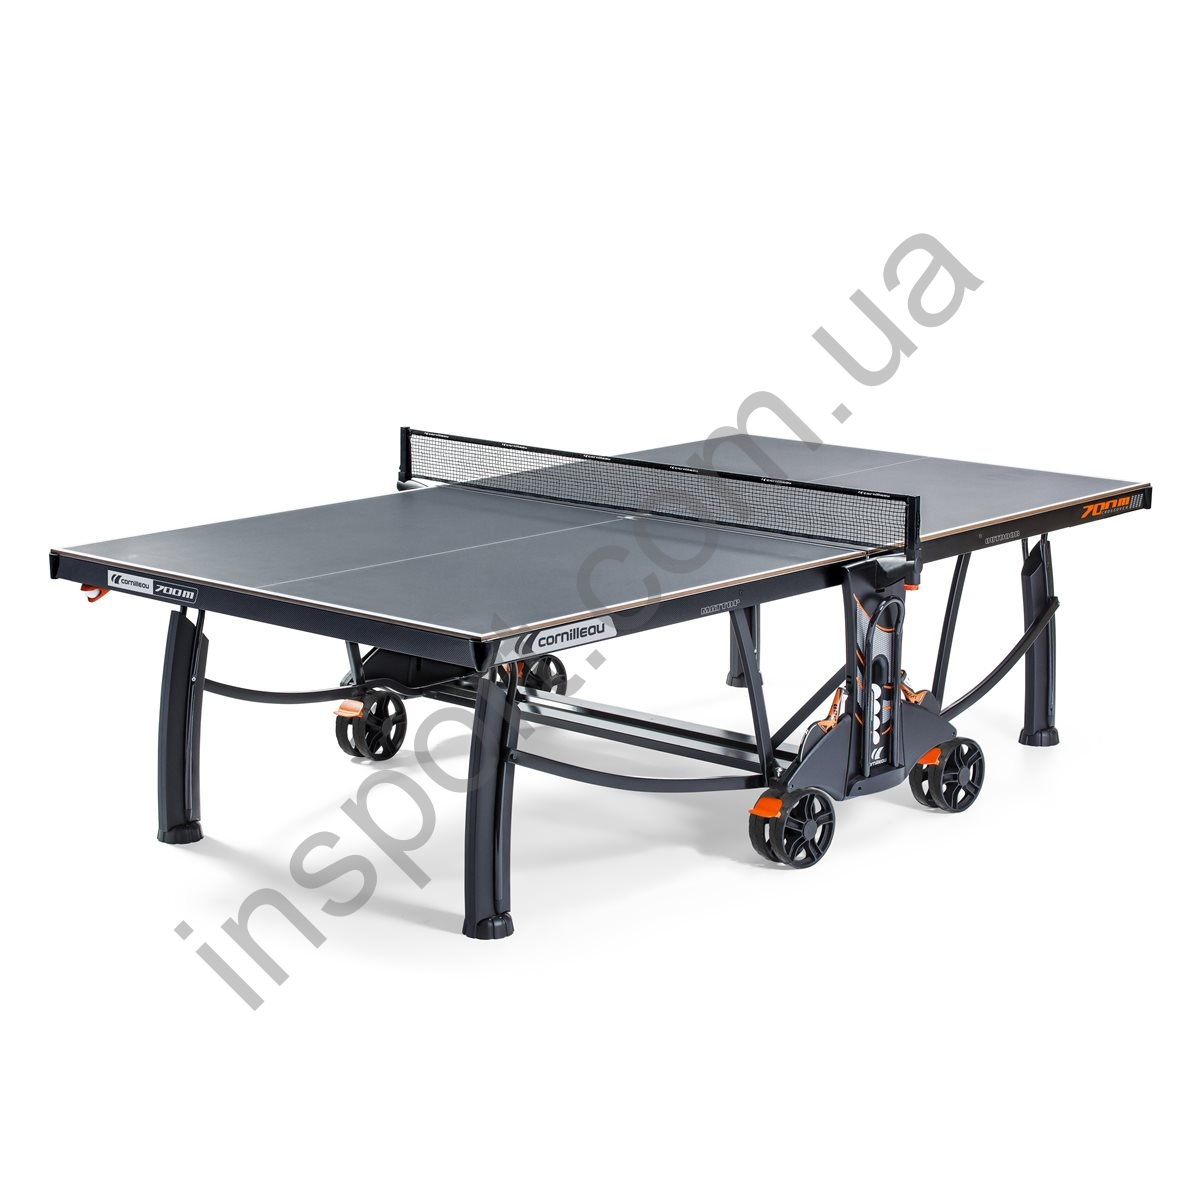 Теннисный стол Cornilleau 700M Performance Crossover